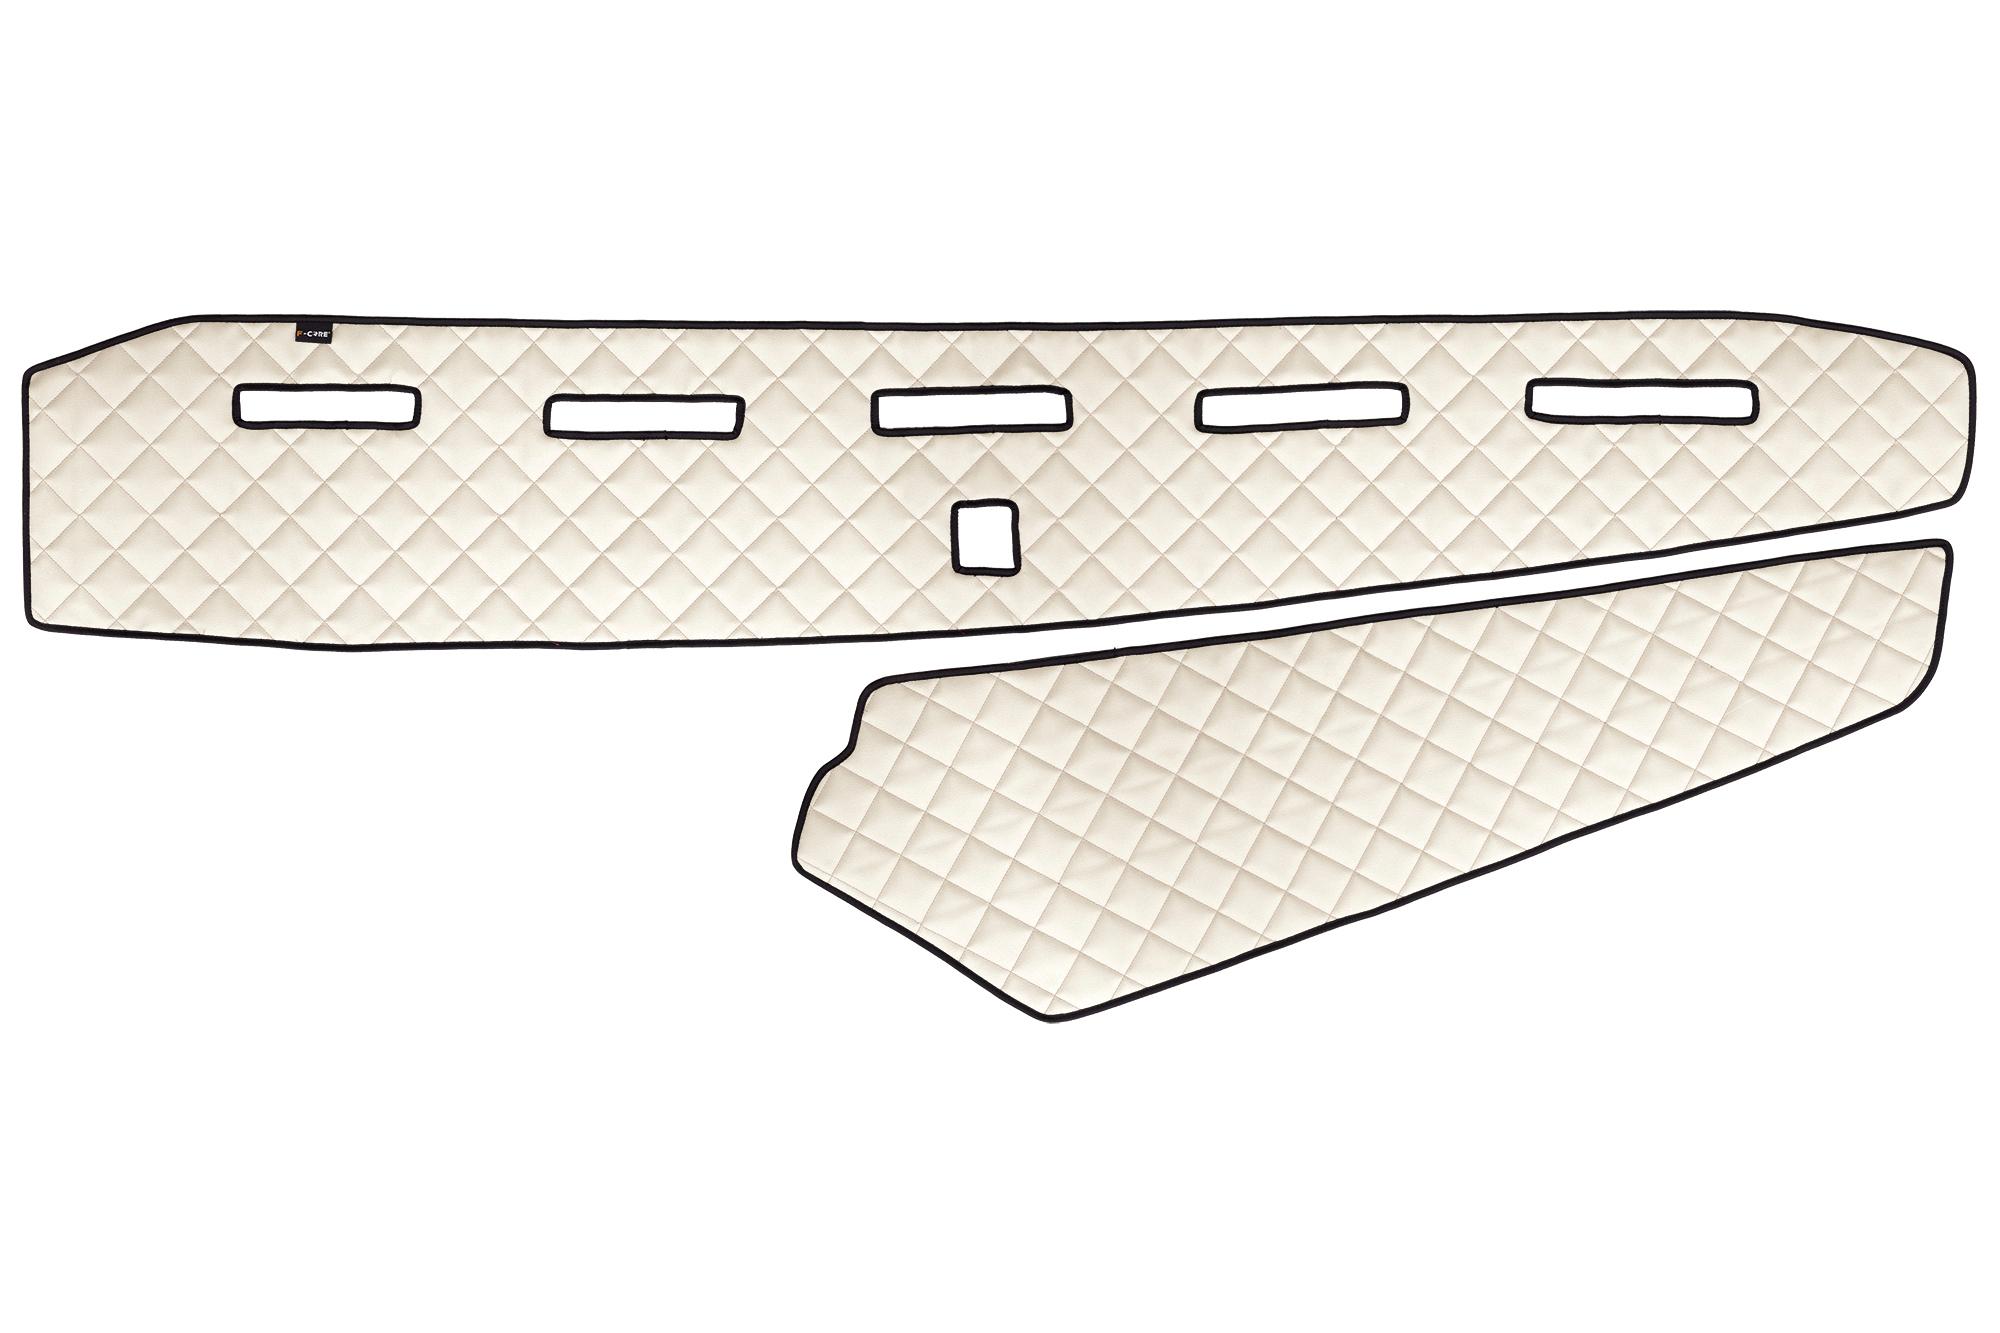 fd05, le tapis pour le tableau de bord - elegance, volvo fh 4